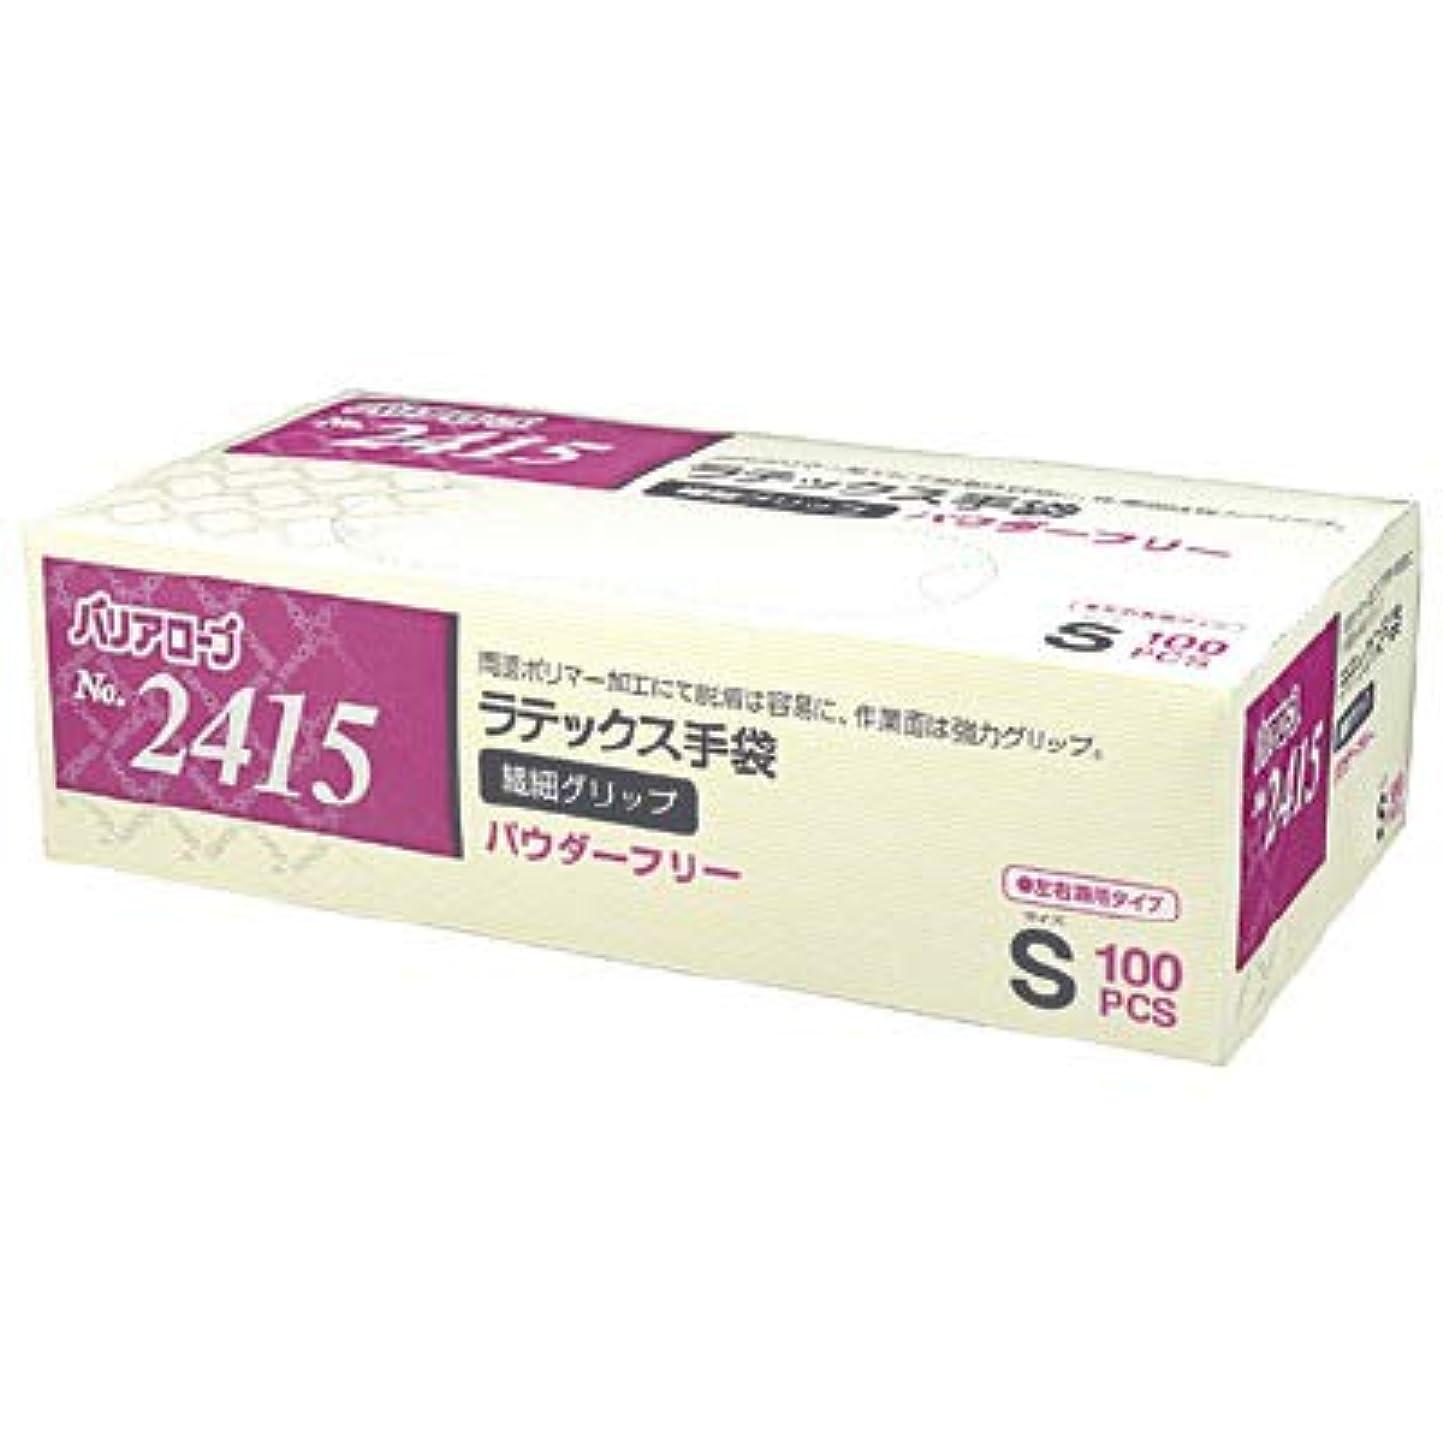 死すべき比類なき持つ【ケース販売】 バリアローブ №2415 ラテックス手袋 繊細グリップ (パウダーフリー) S 2000枚(100枚×20箱)